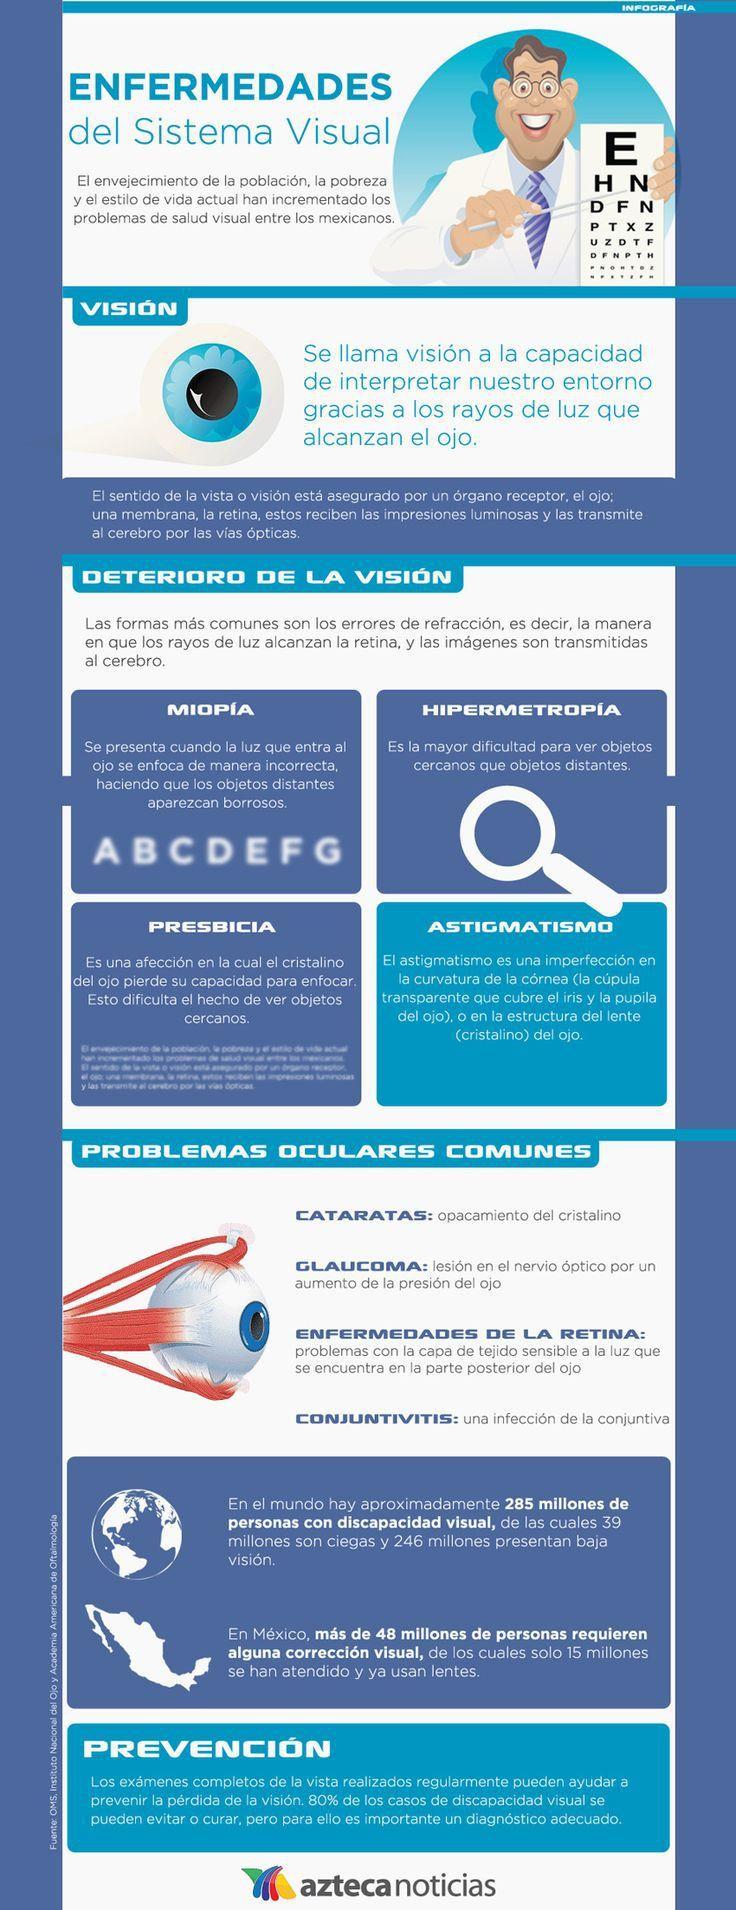 Enfermedades del sistema visual #infografia #infographic #health vía @aztecanoticias